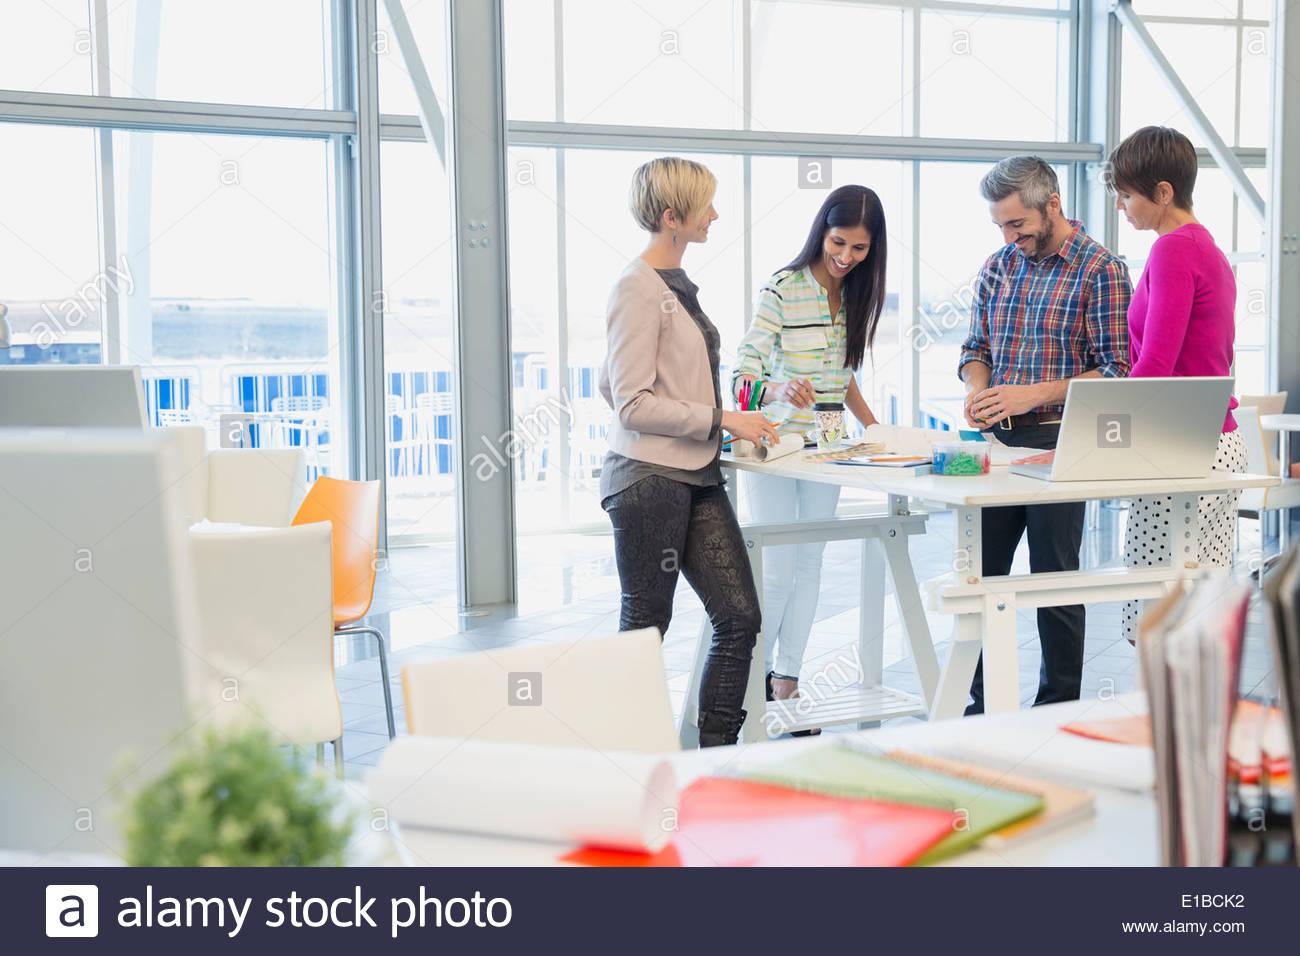 Creative business meeting persone in ufficio Immagini Stock